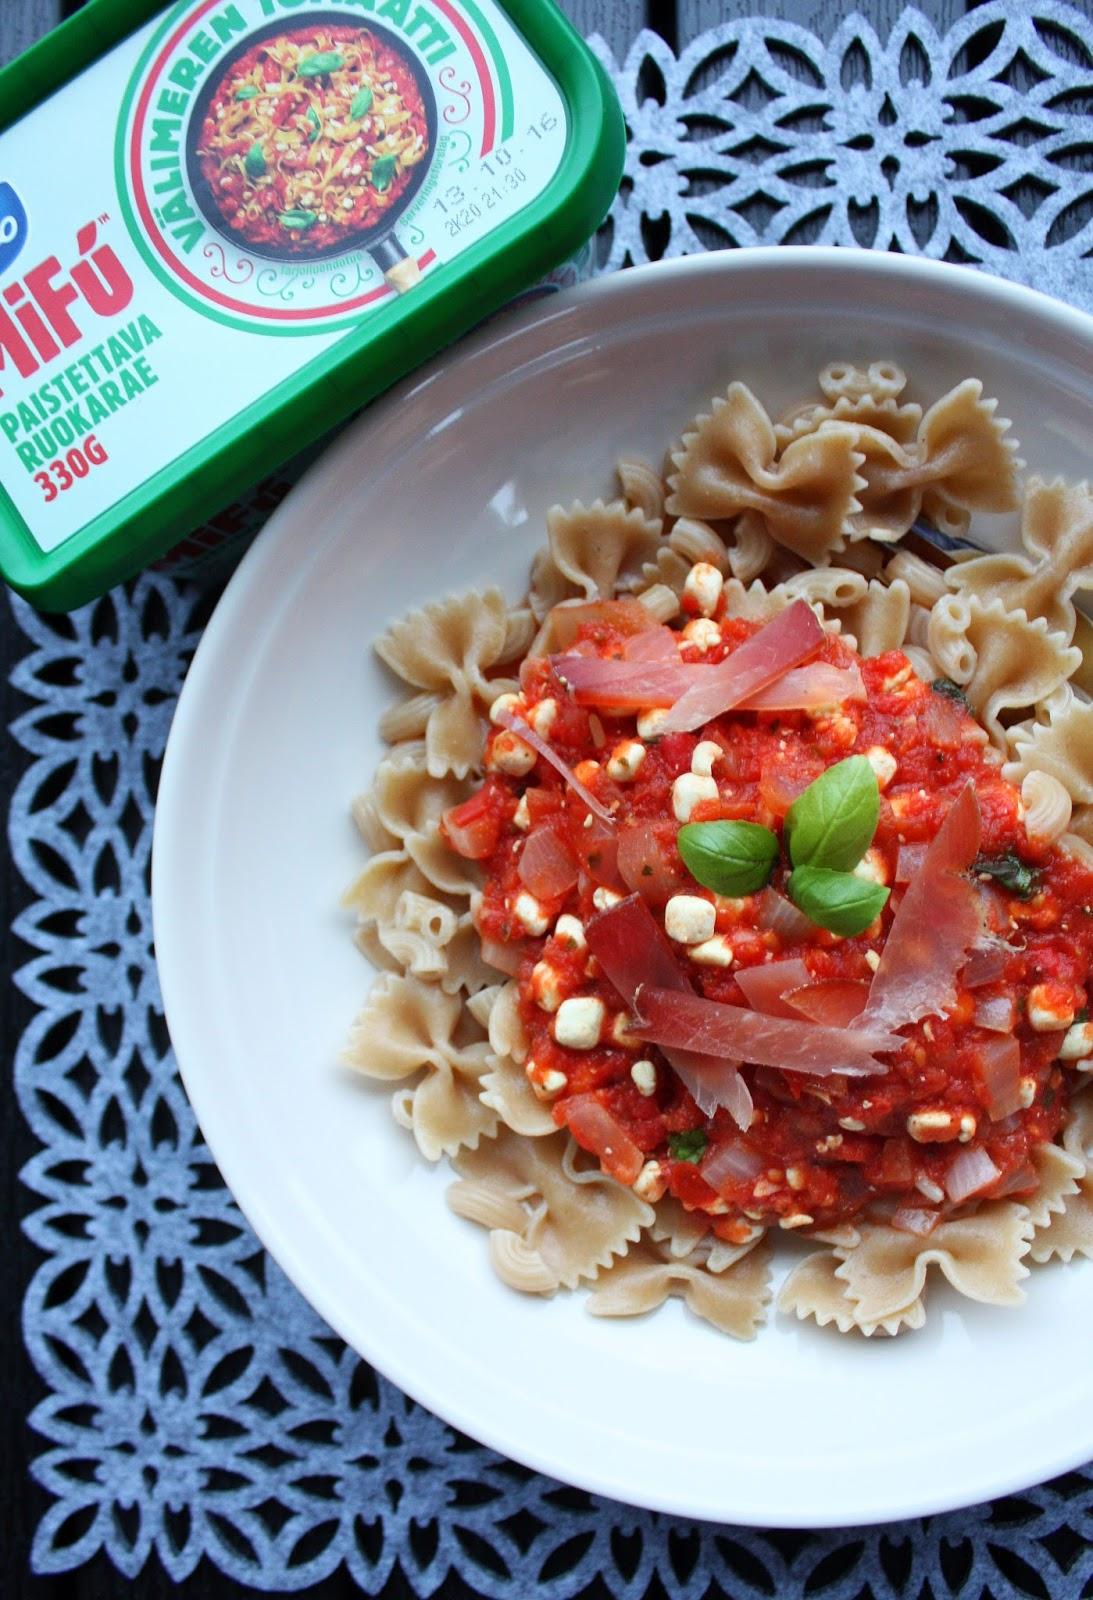 Mifu MiFu ruokarae lihankorvike maitoproteiini mifunoitu tomaattipasta mallaspulla